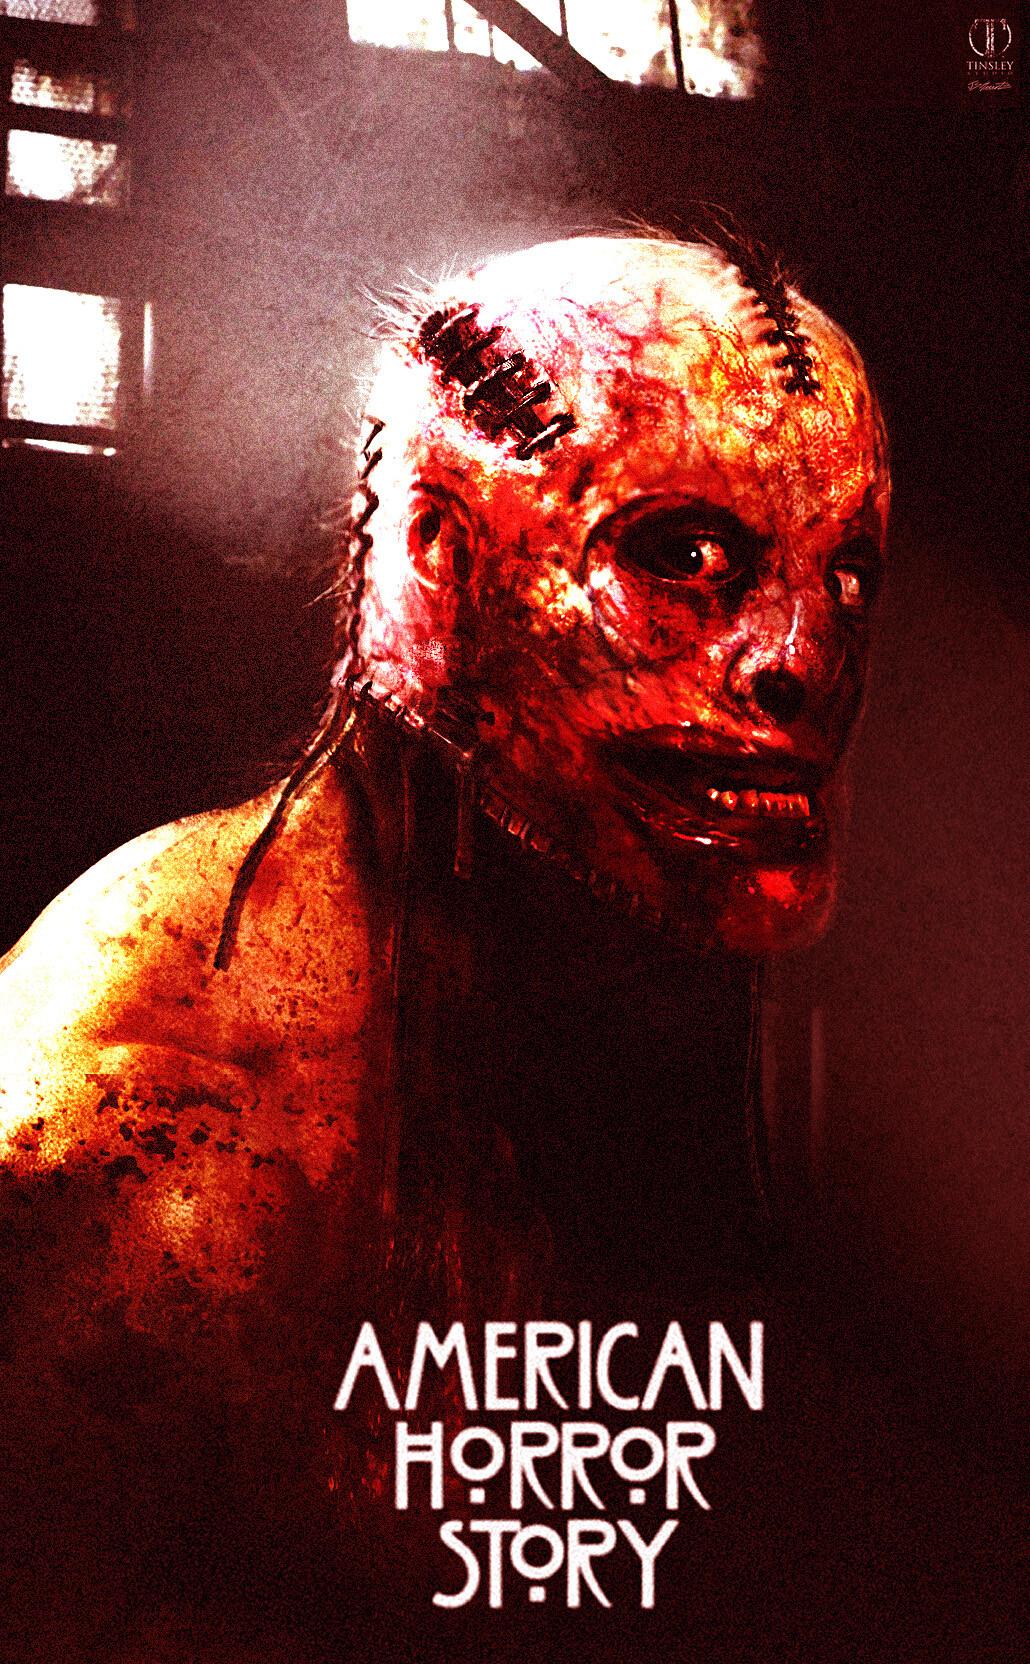 Jerx marantz bloodyface 40 poster concept 2